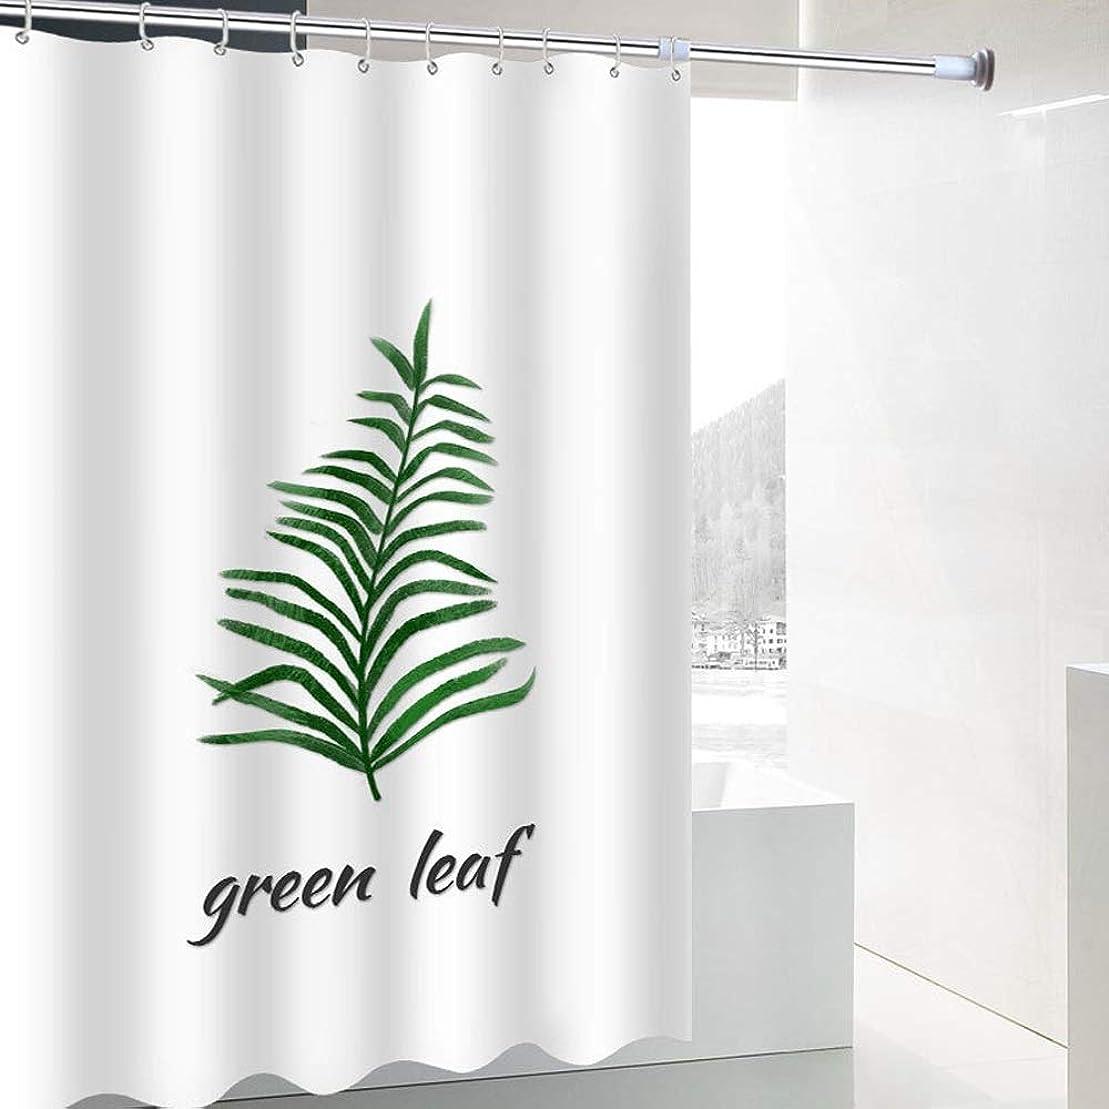 トラフィック植生スピンホテル/ファミリーバスルームのシャワーカーテン、こぢんまりとした緑の葉のパターン、軽い贅沢なスタイル、ポリエステル素材、防水/環境保護、ギフトフック インストールが簡単 (Size : 180*200cm)